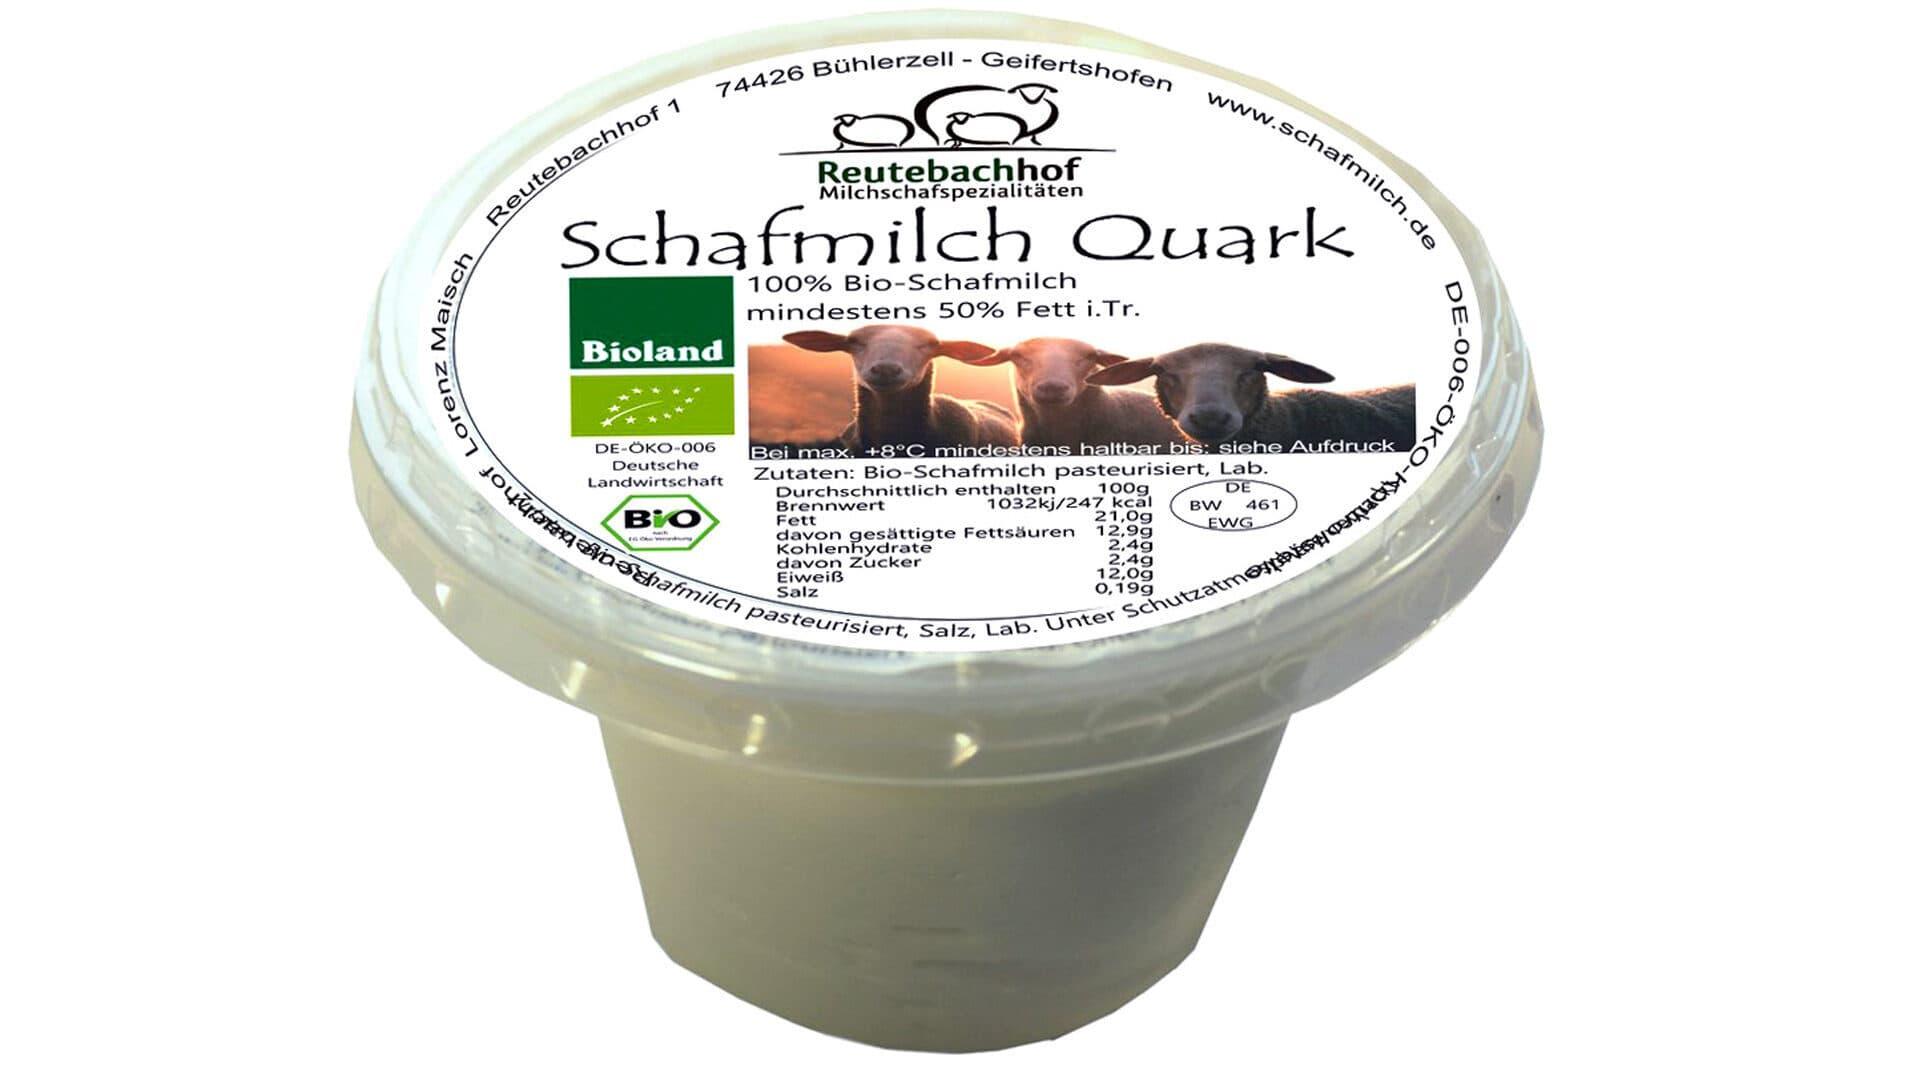 Schafmilch Quark